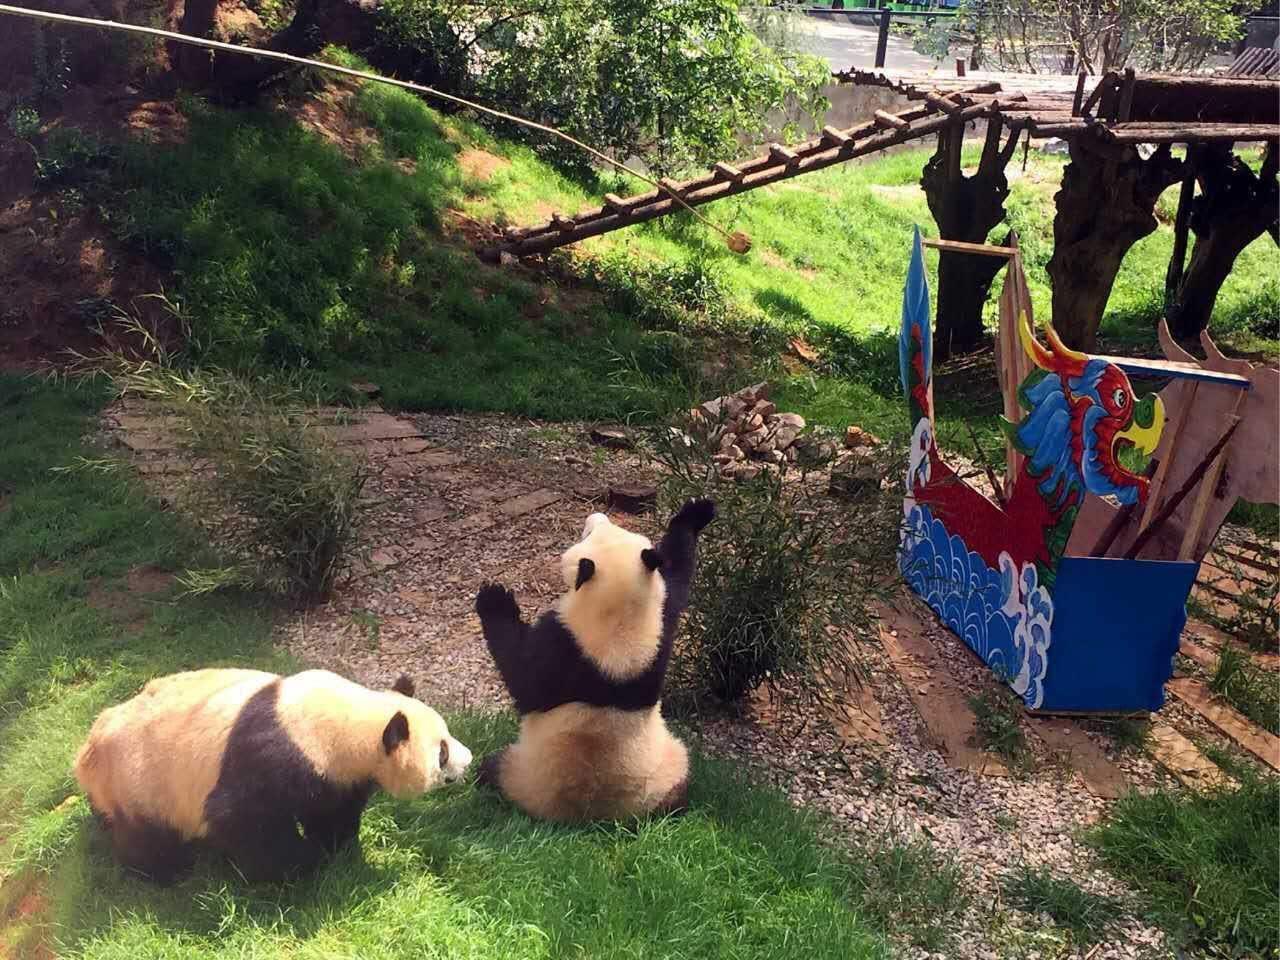 云南野生动物园提前给大熊猫过端午